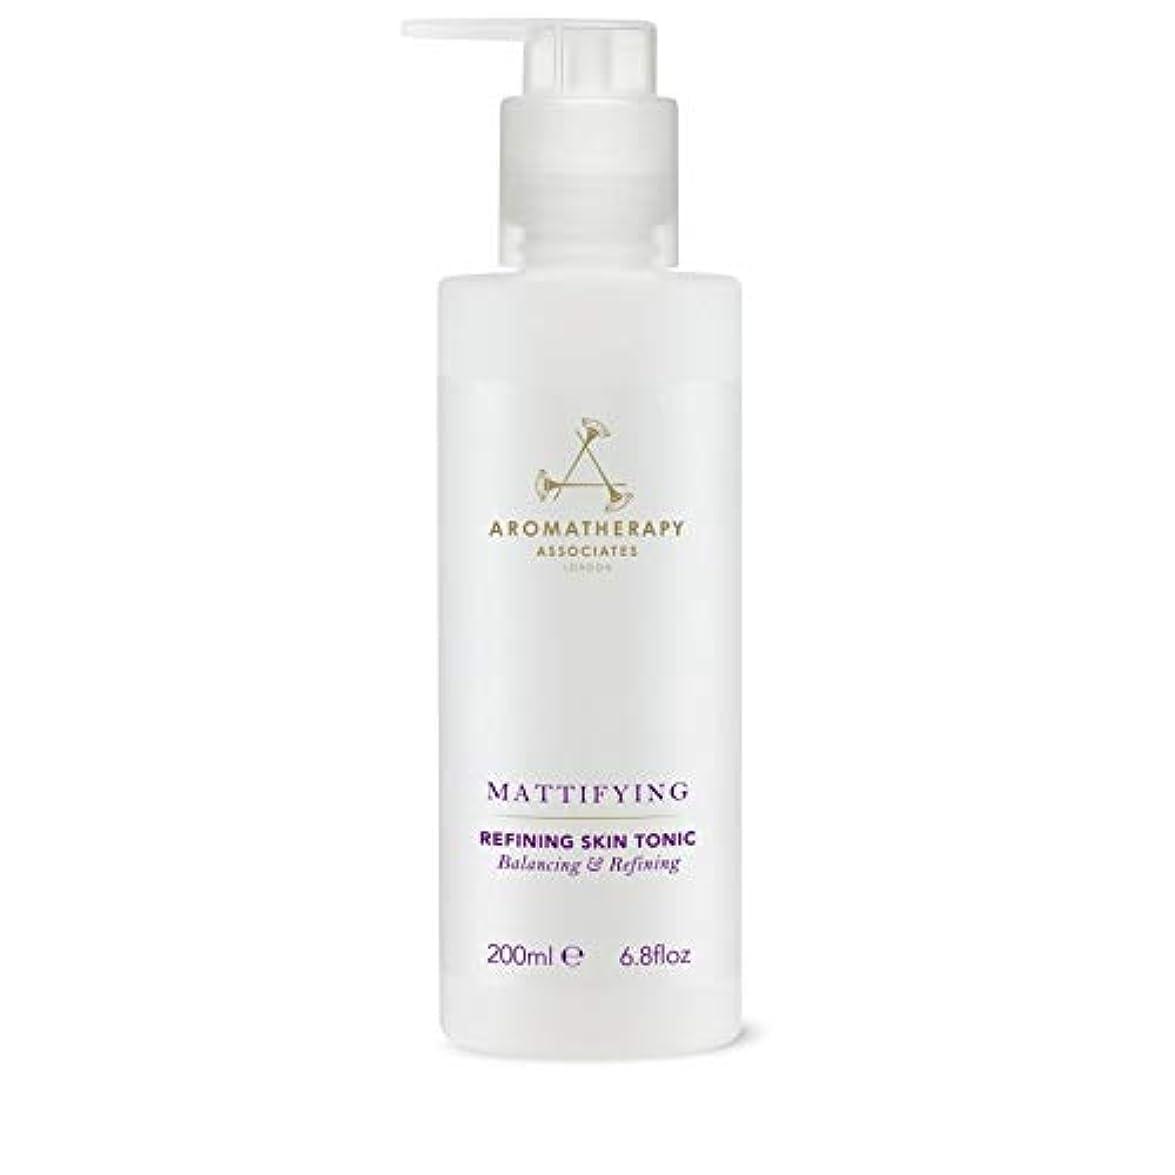 汚れたきれいに消毒する[Aromatherapy Associates ] アロマセラピーアソシエイツ精錬皮膚の強壮剤、アロマセラピーアソシエイツ - Aromatherapy Associates Refining Skin Tonic,...